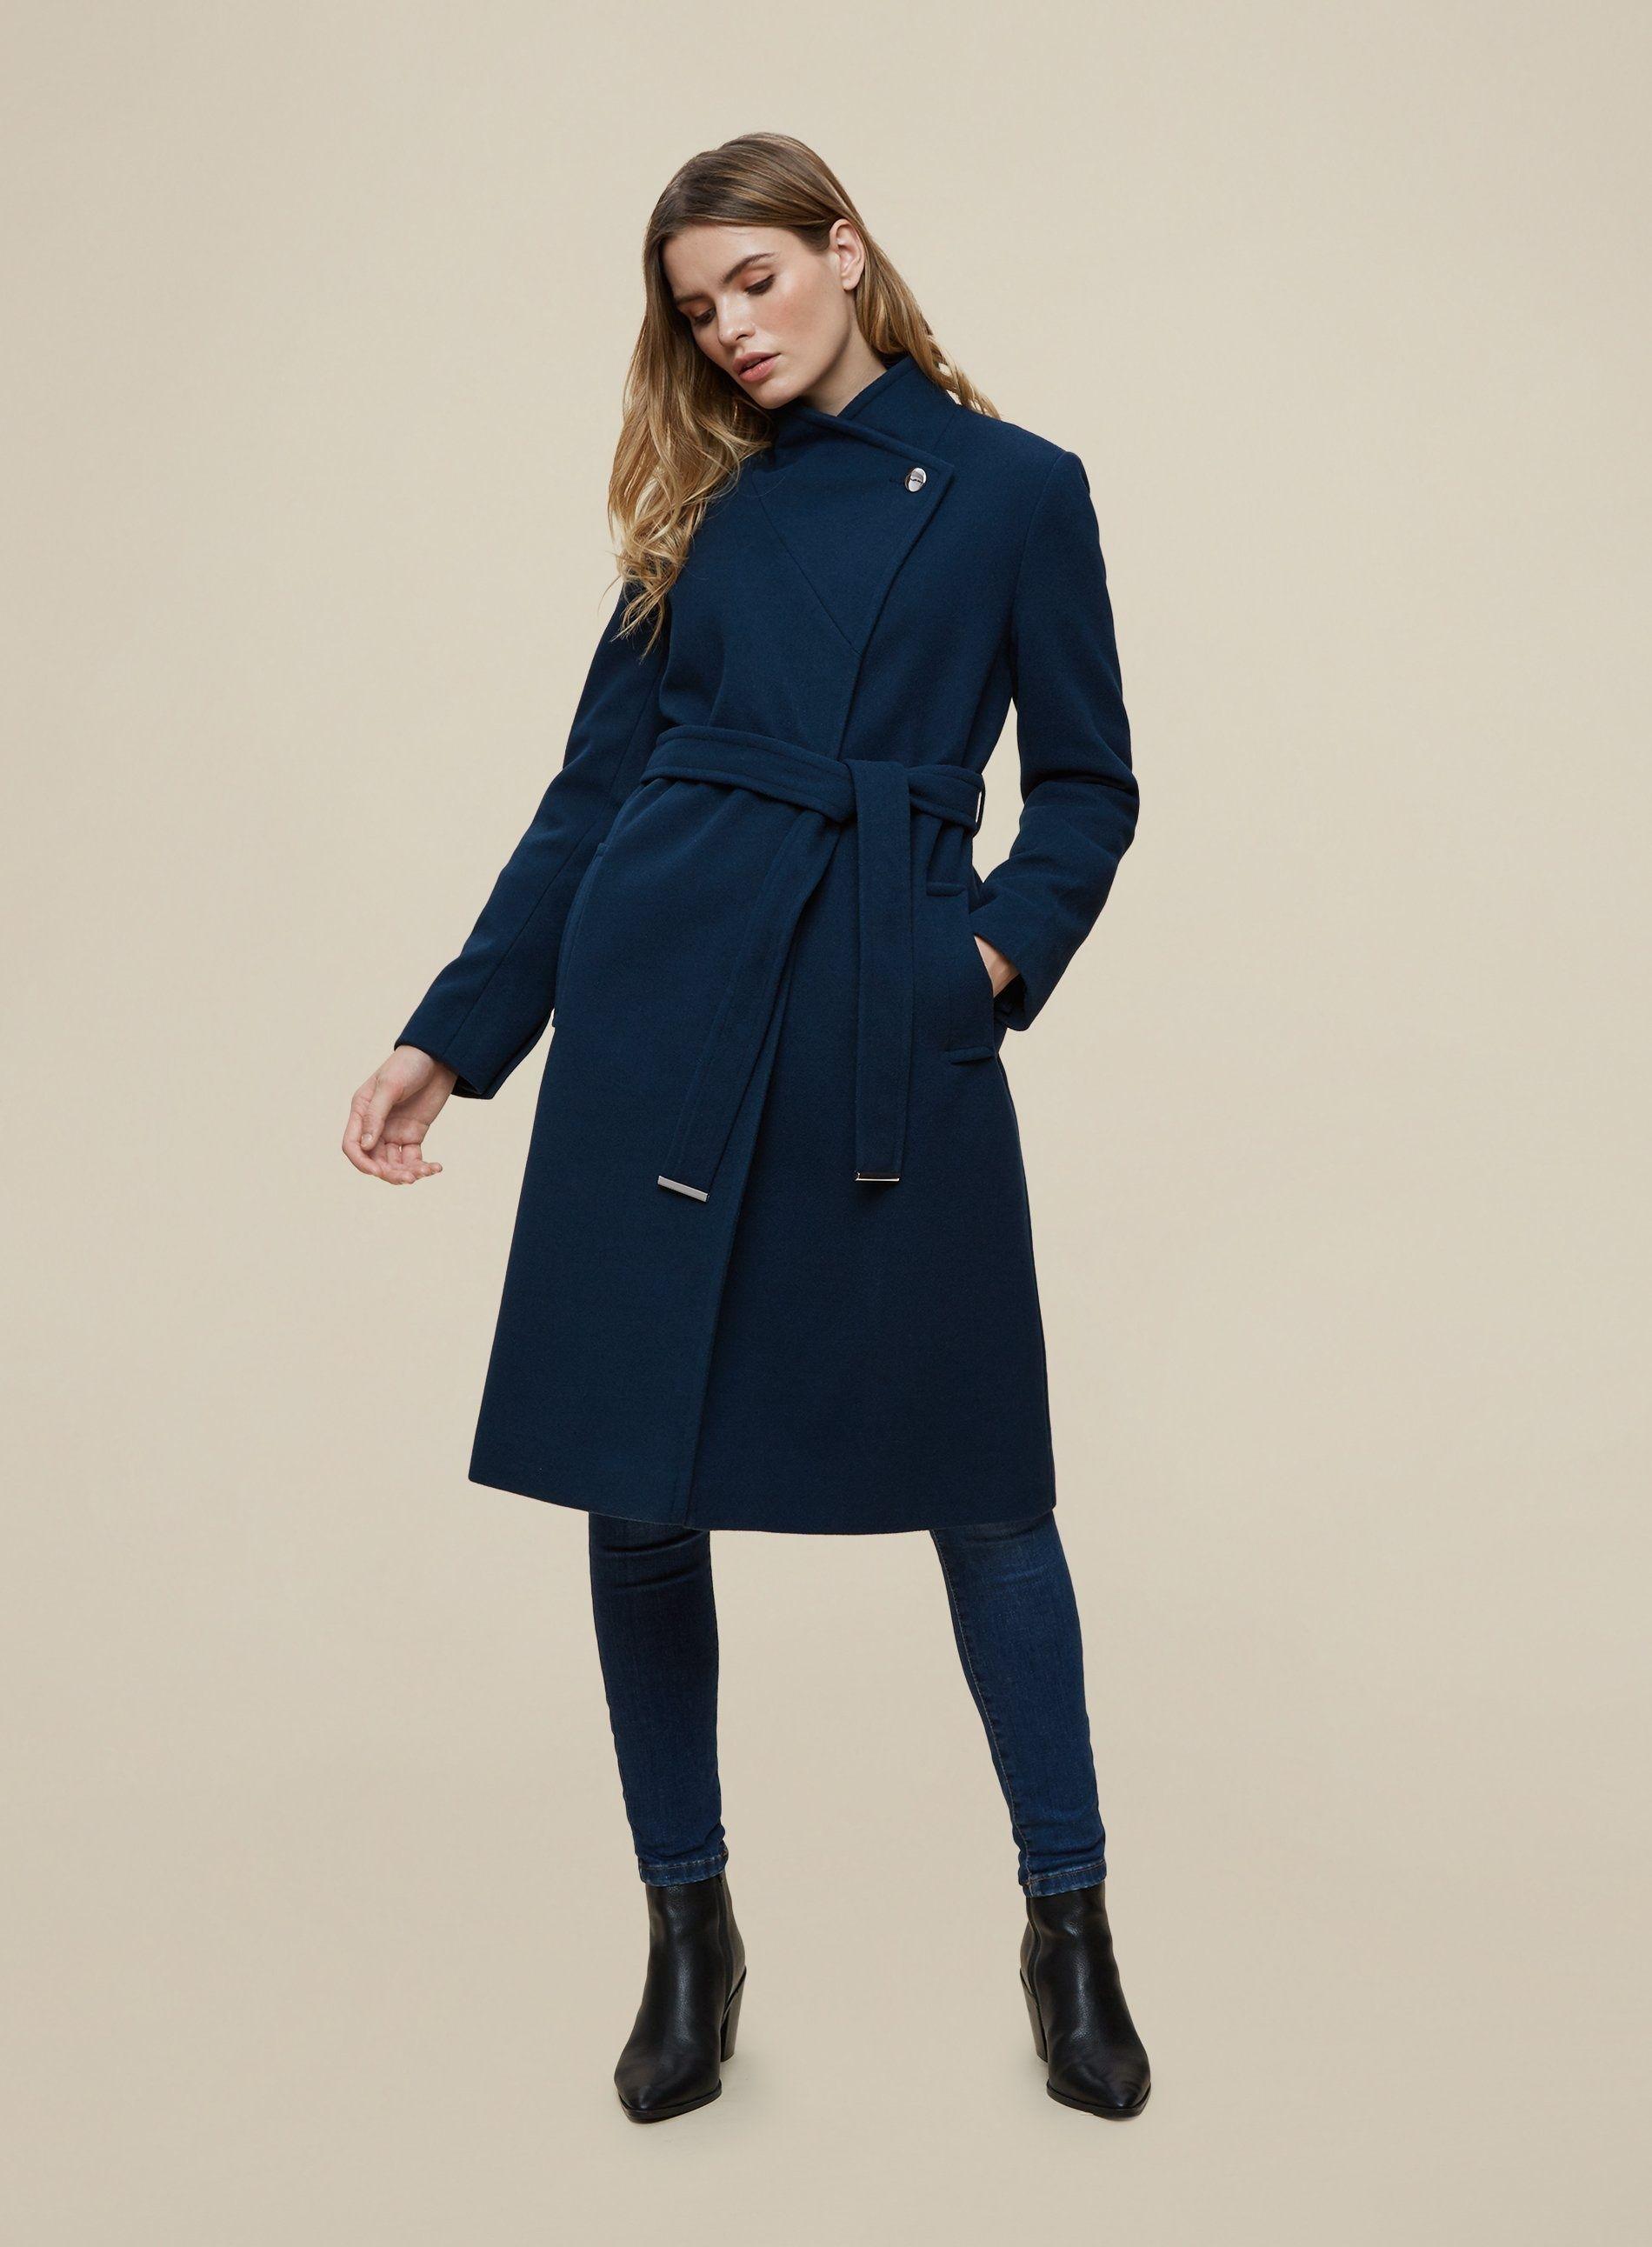 Dorothy Perkins Womens Blue Funnel Wrap Coat Warm Winter Jacket Outwear Top